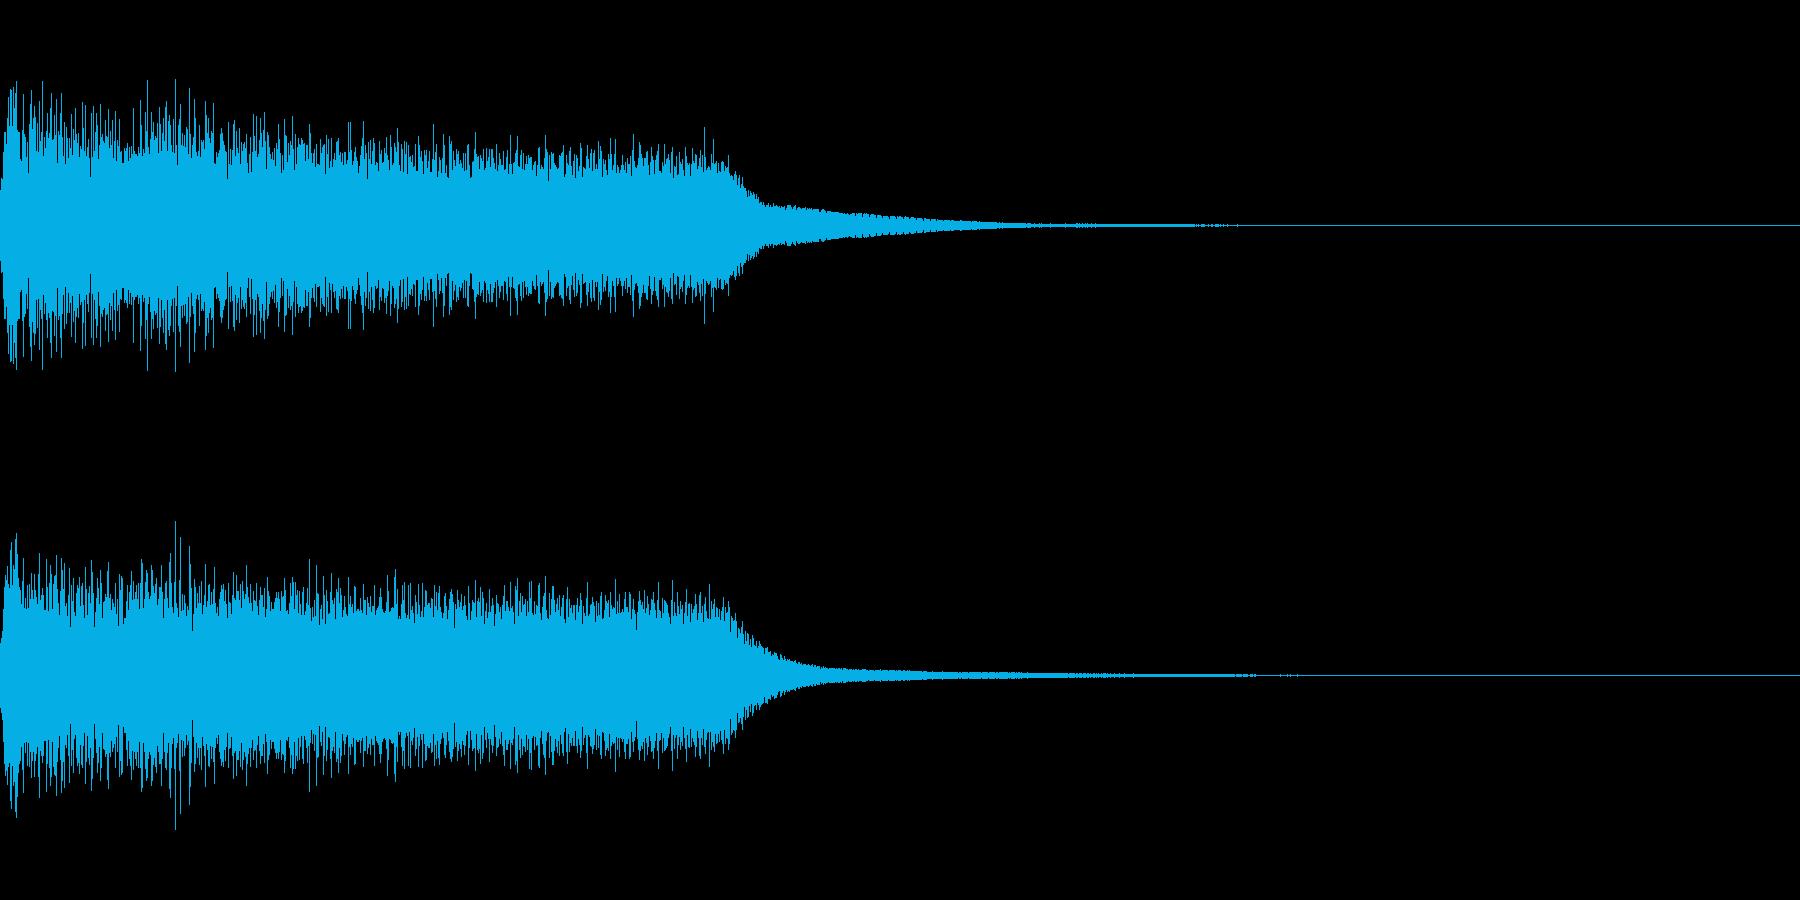 効果音 テロップ 最悪 不正解 ガーンの再生済みの波形